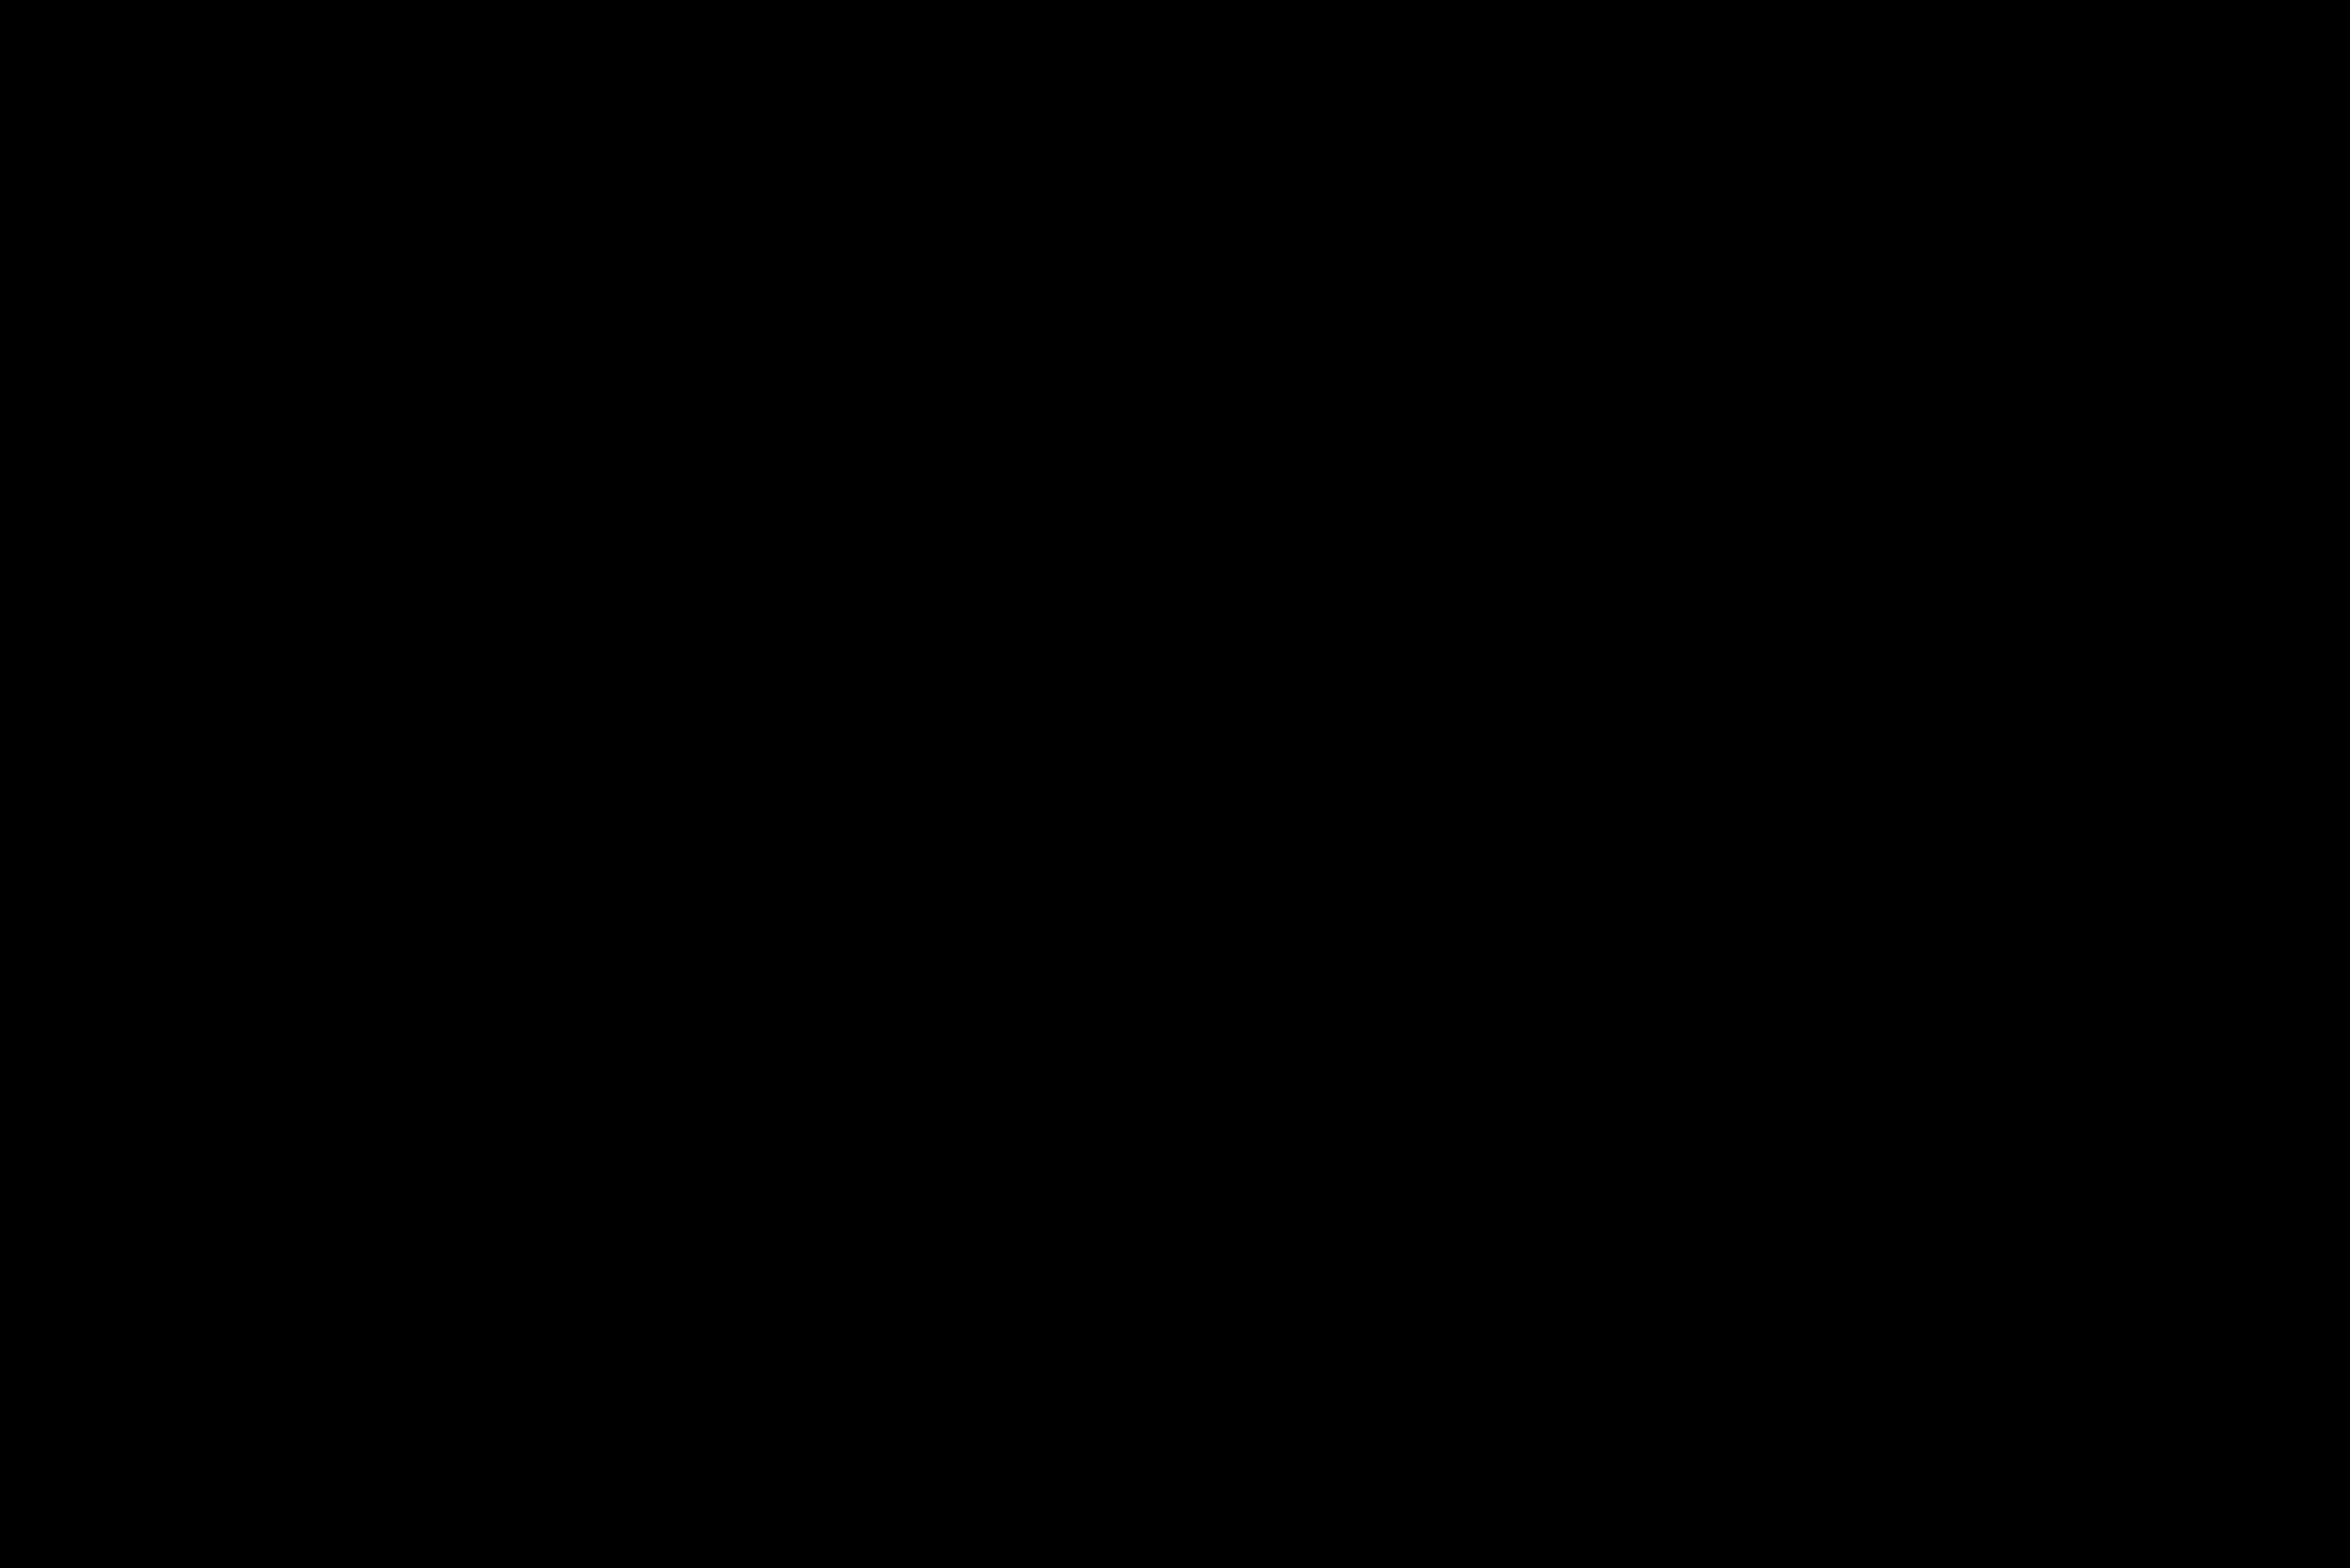 Au Breisgau